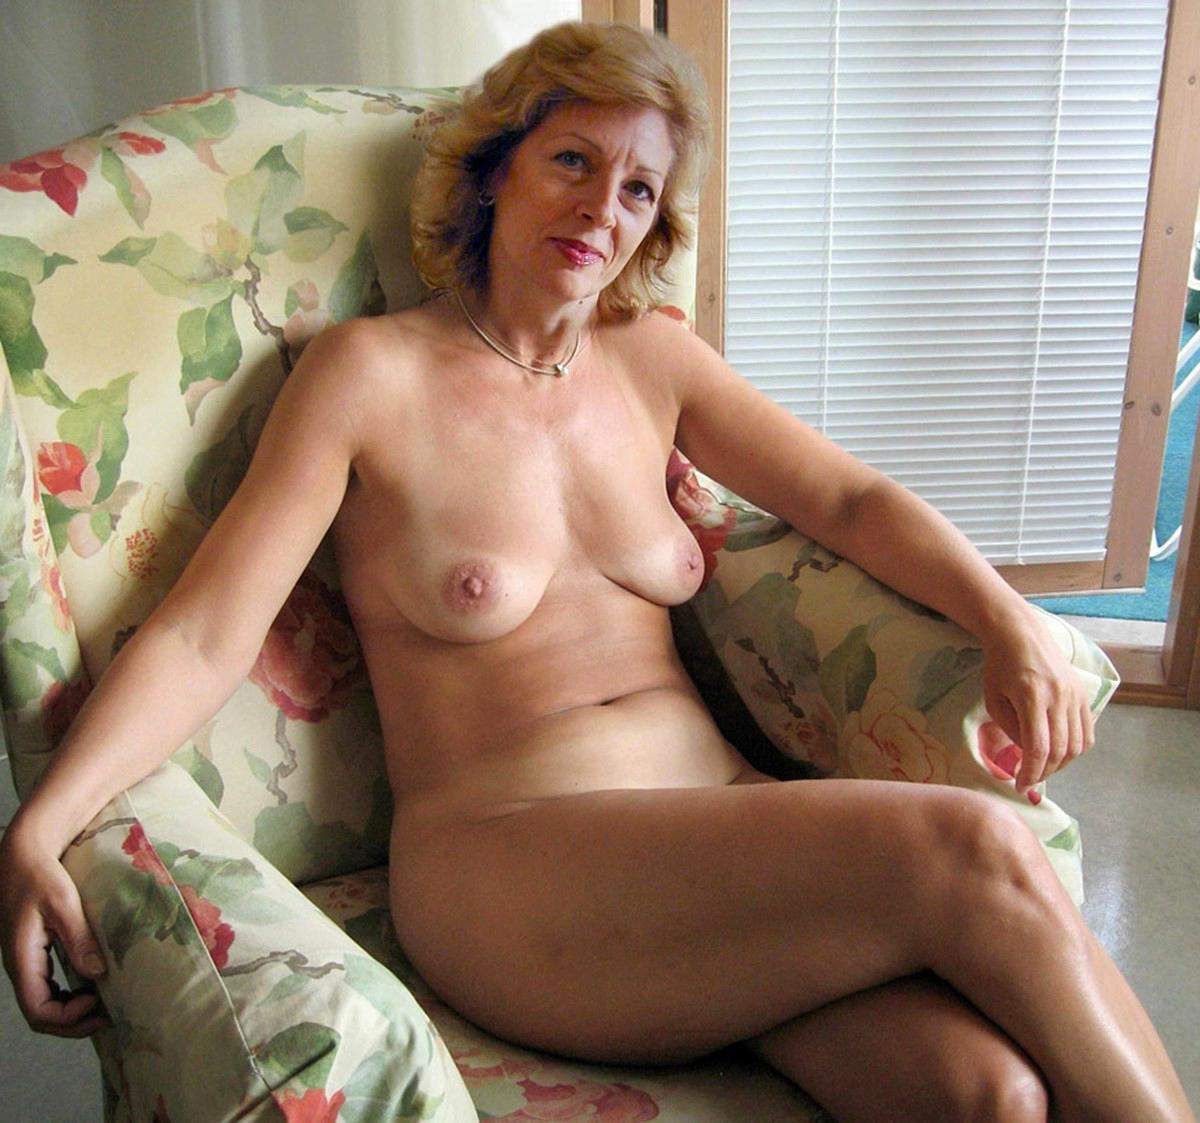 Hot mature women galleries